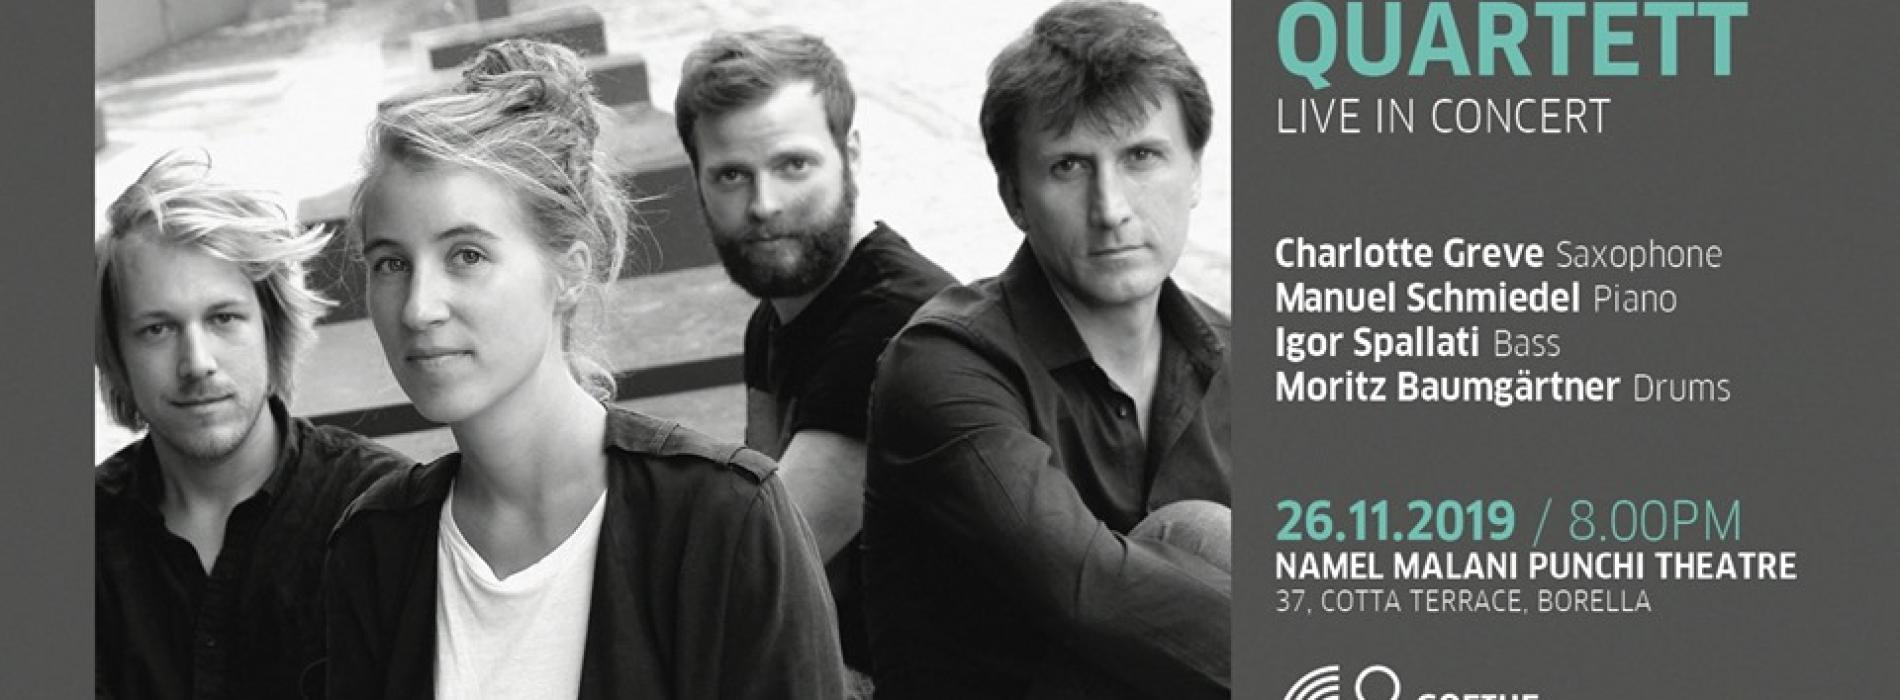 Lisbeth Quartett: Live In Concert